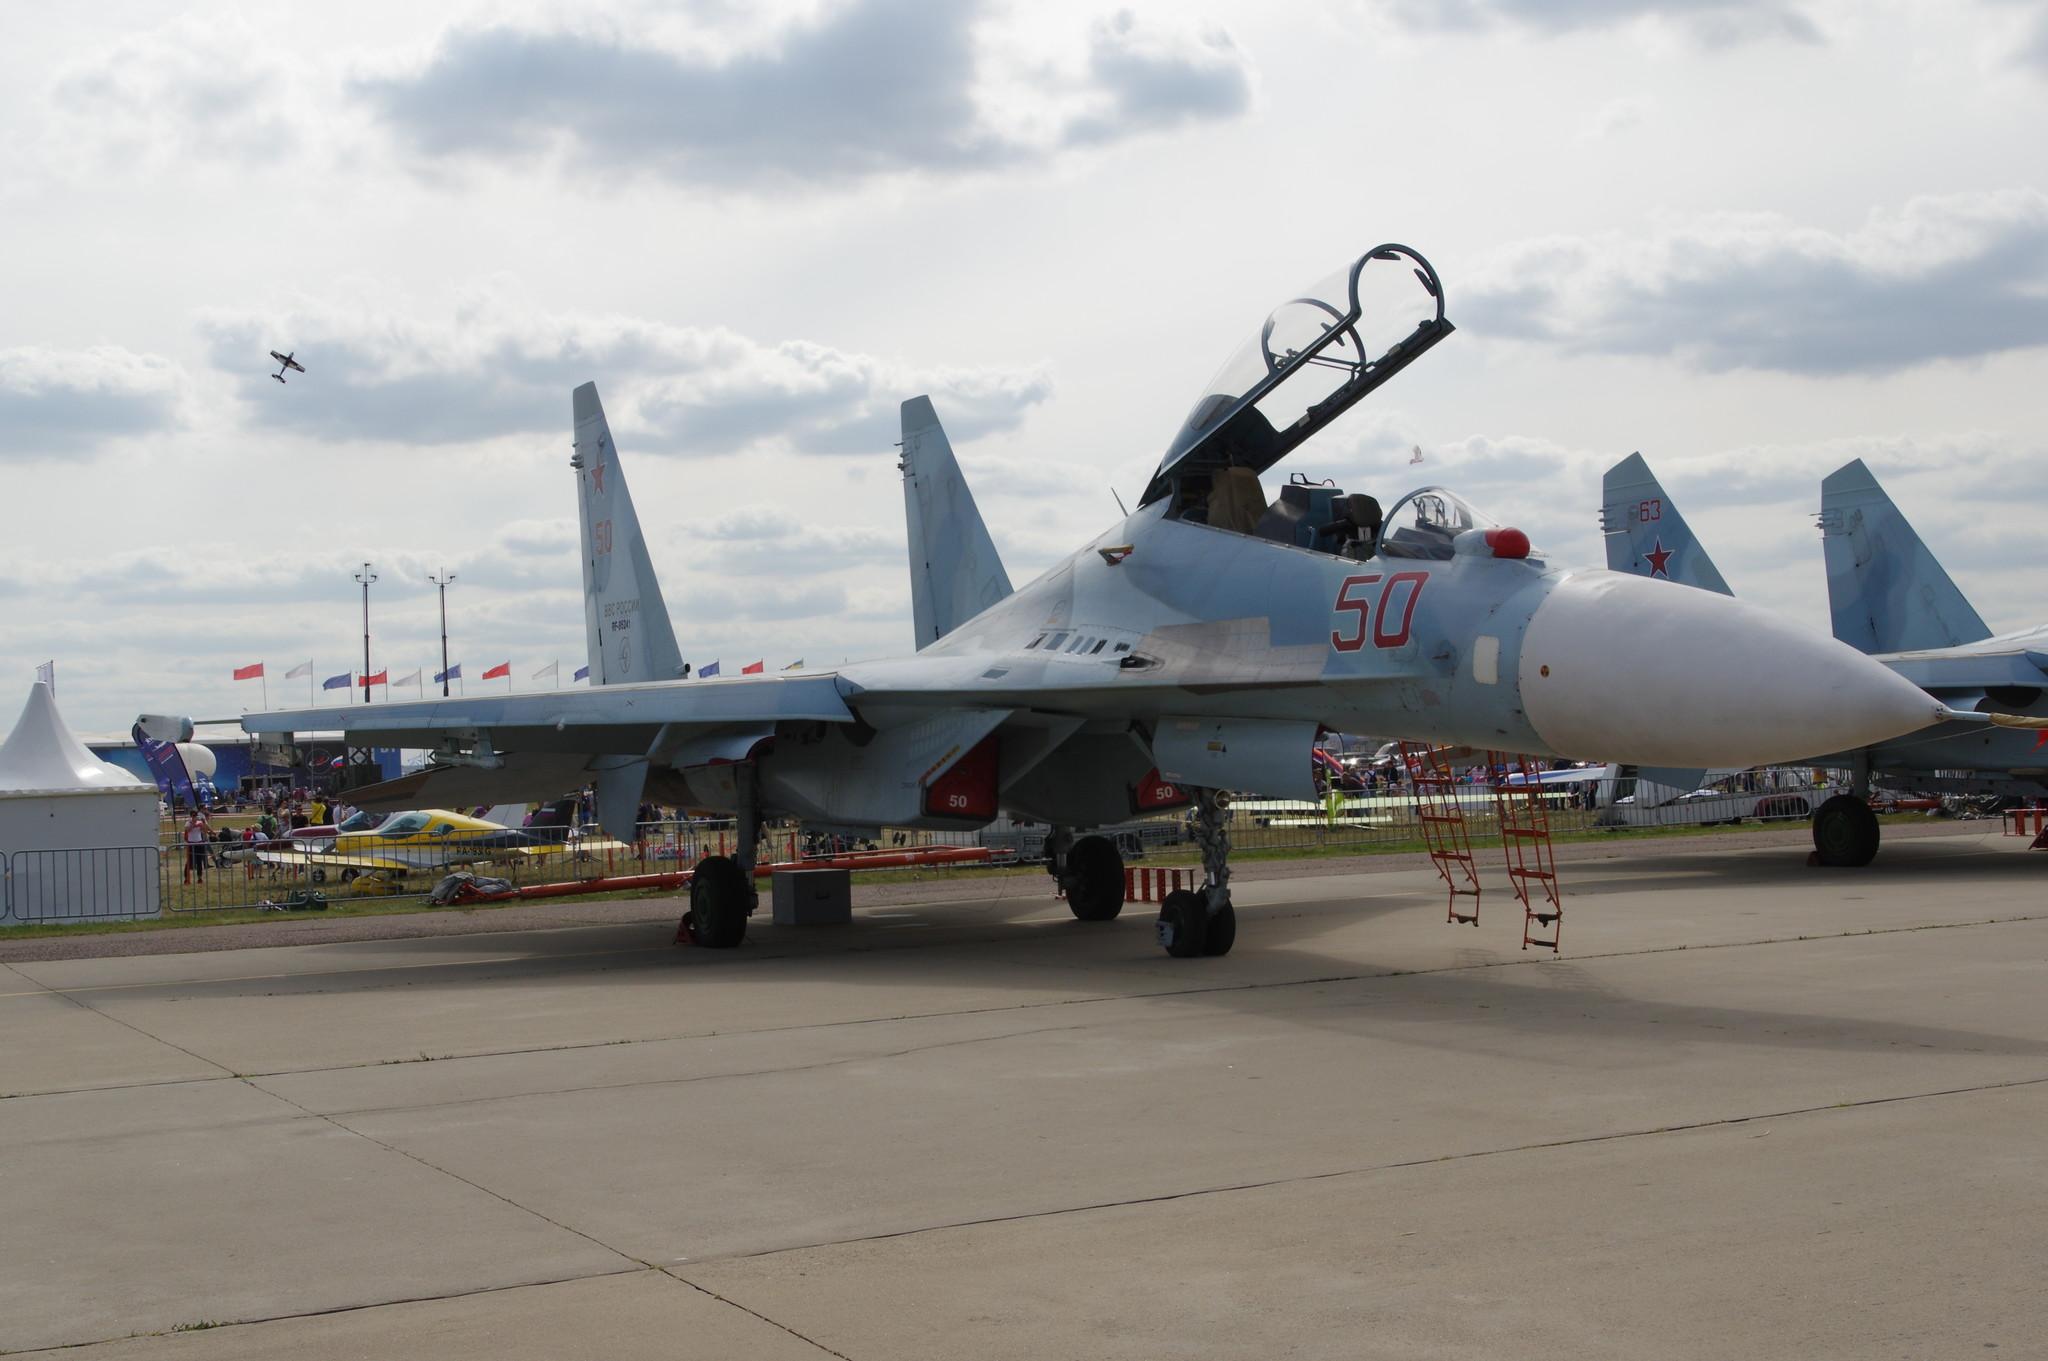 Двухместный истребитель Су-30М2